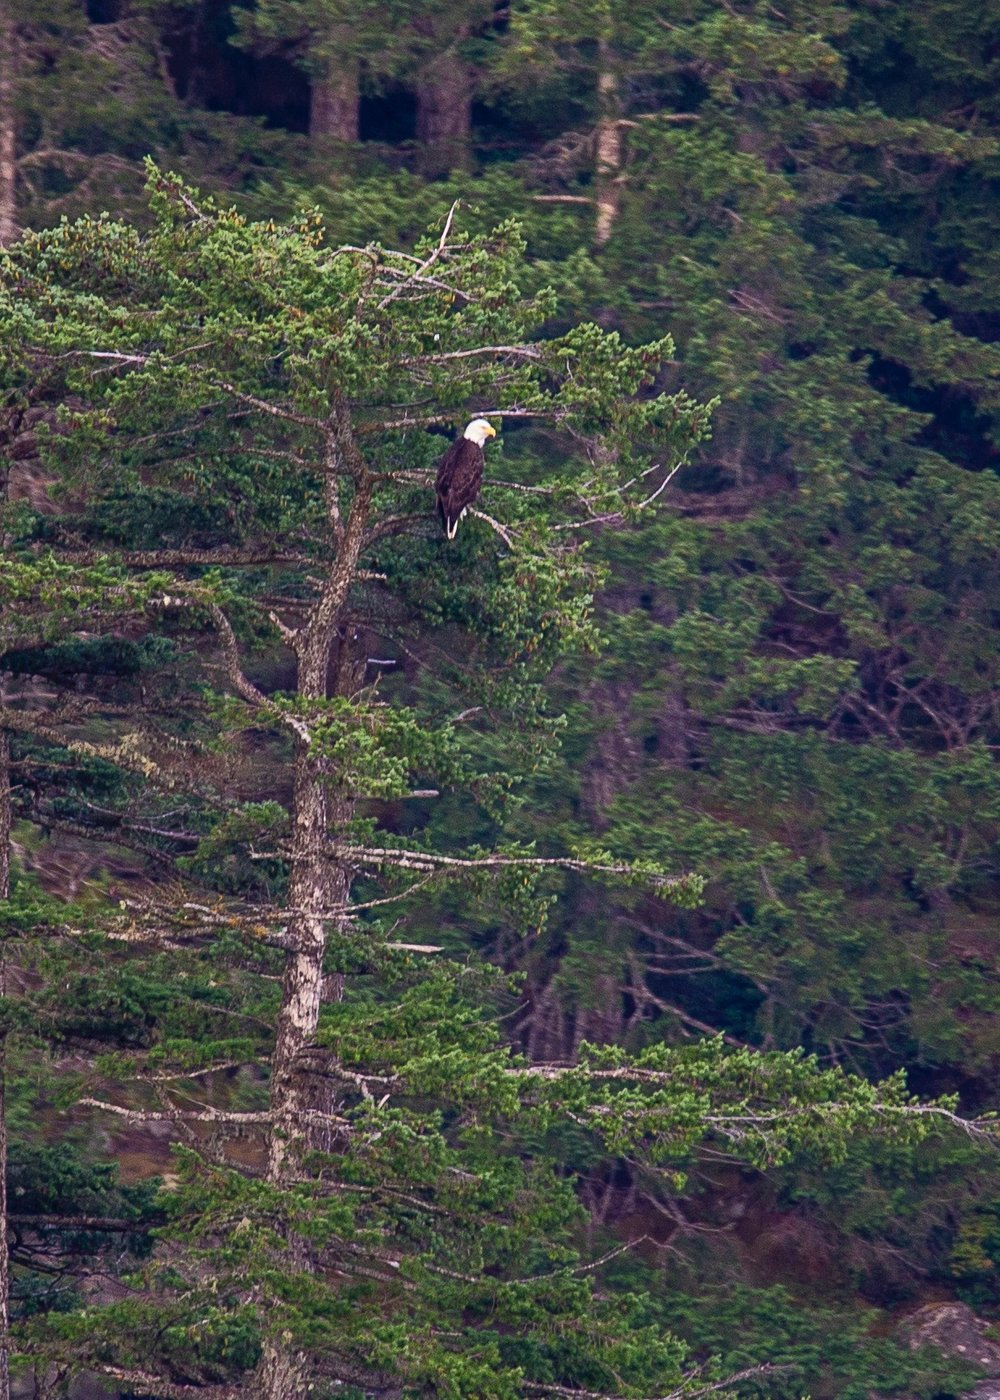 One last bald eagle.